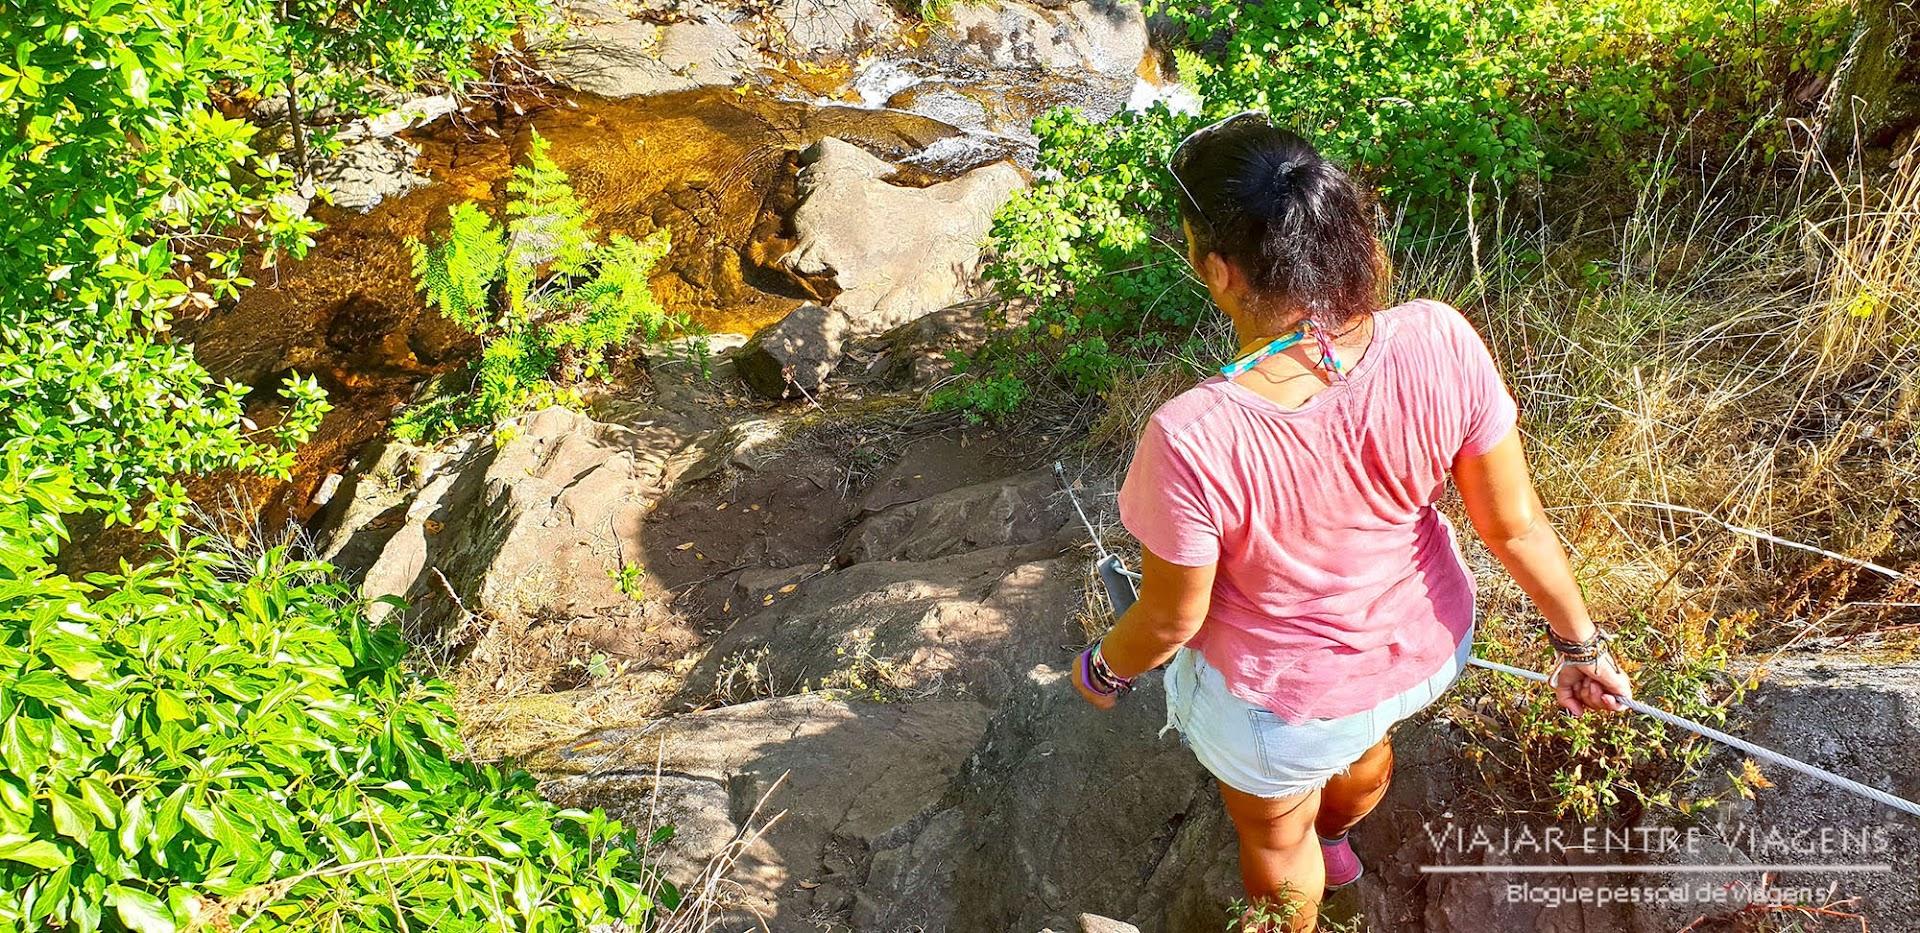 Visitar a CASCATA DA PEDRA DA FERIDA, um passeio a um paraíso perdido na Serra do Espinhal